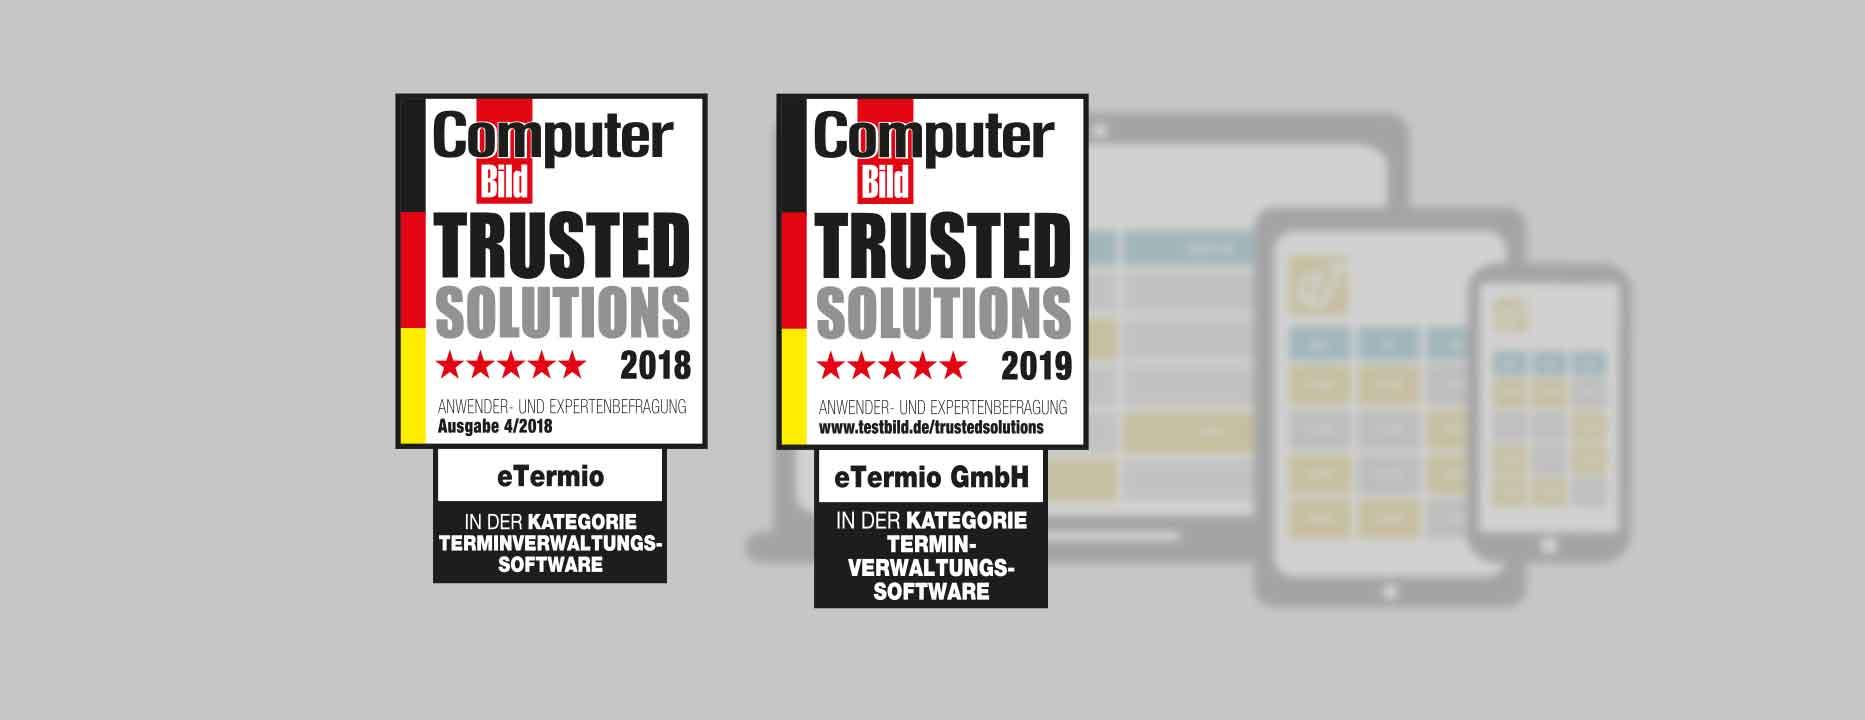 eTermio Trusted Solutions Auszeichnung (Bild: eTermio / Computer Bild)